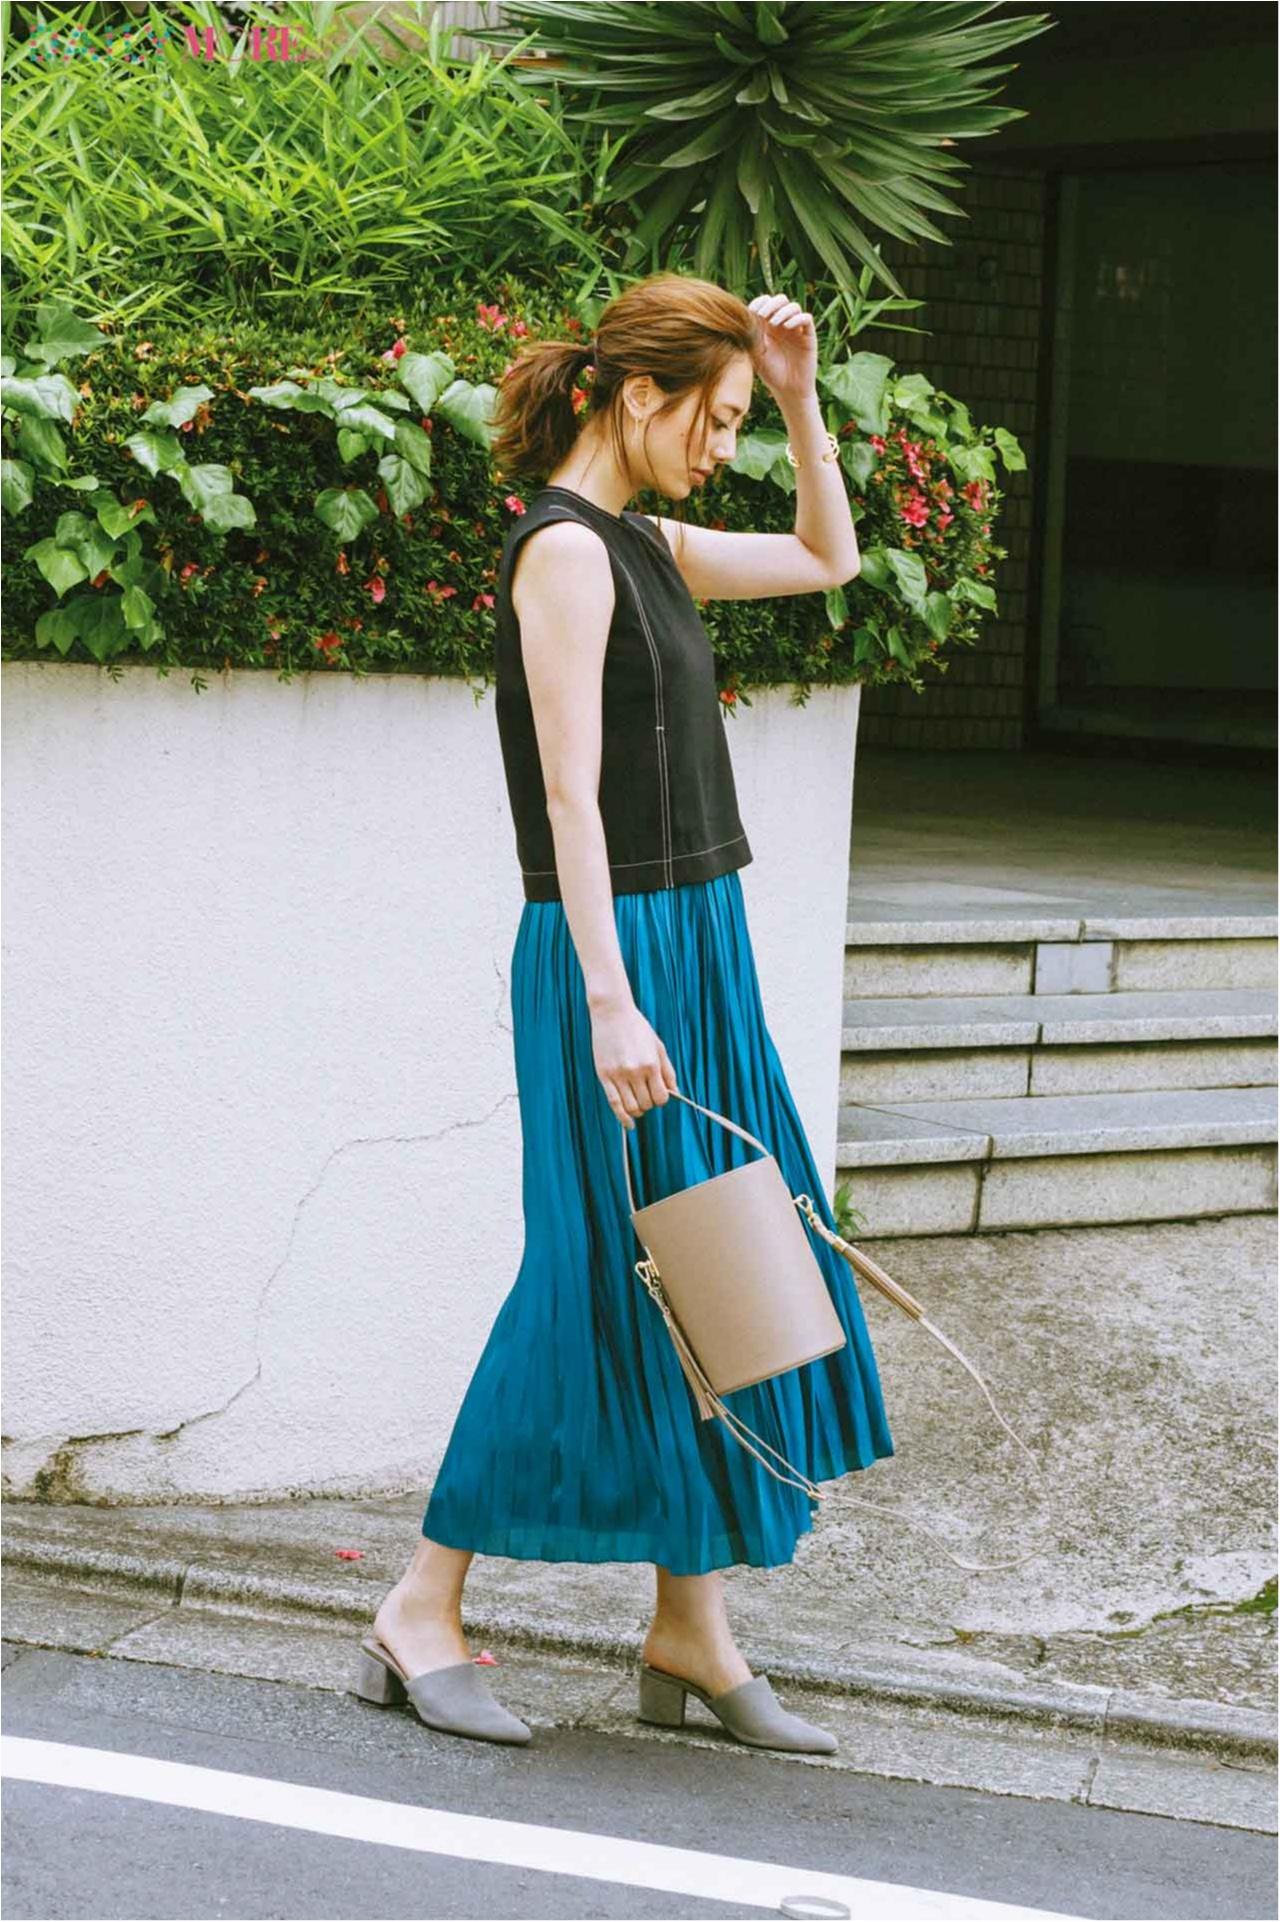 【今日のコーデ/土屋巴瑞季】残暑の暑さに負けないブルーのスカートとノースリトップスを味方につけて♪_1